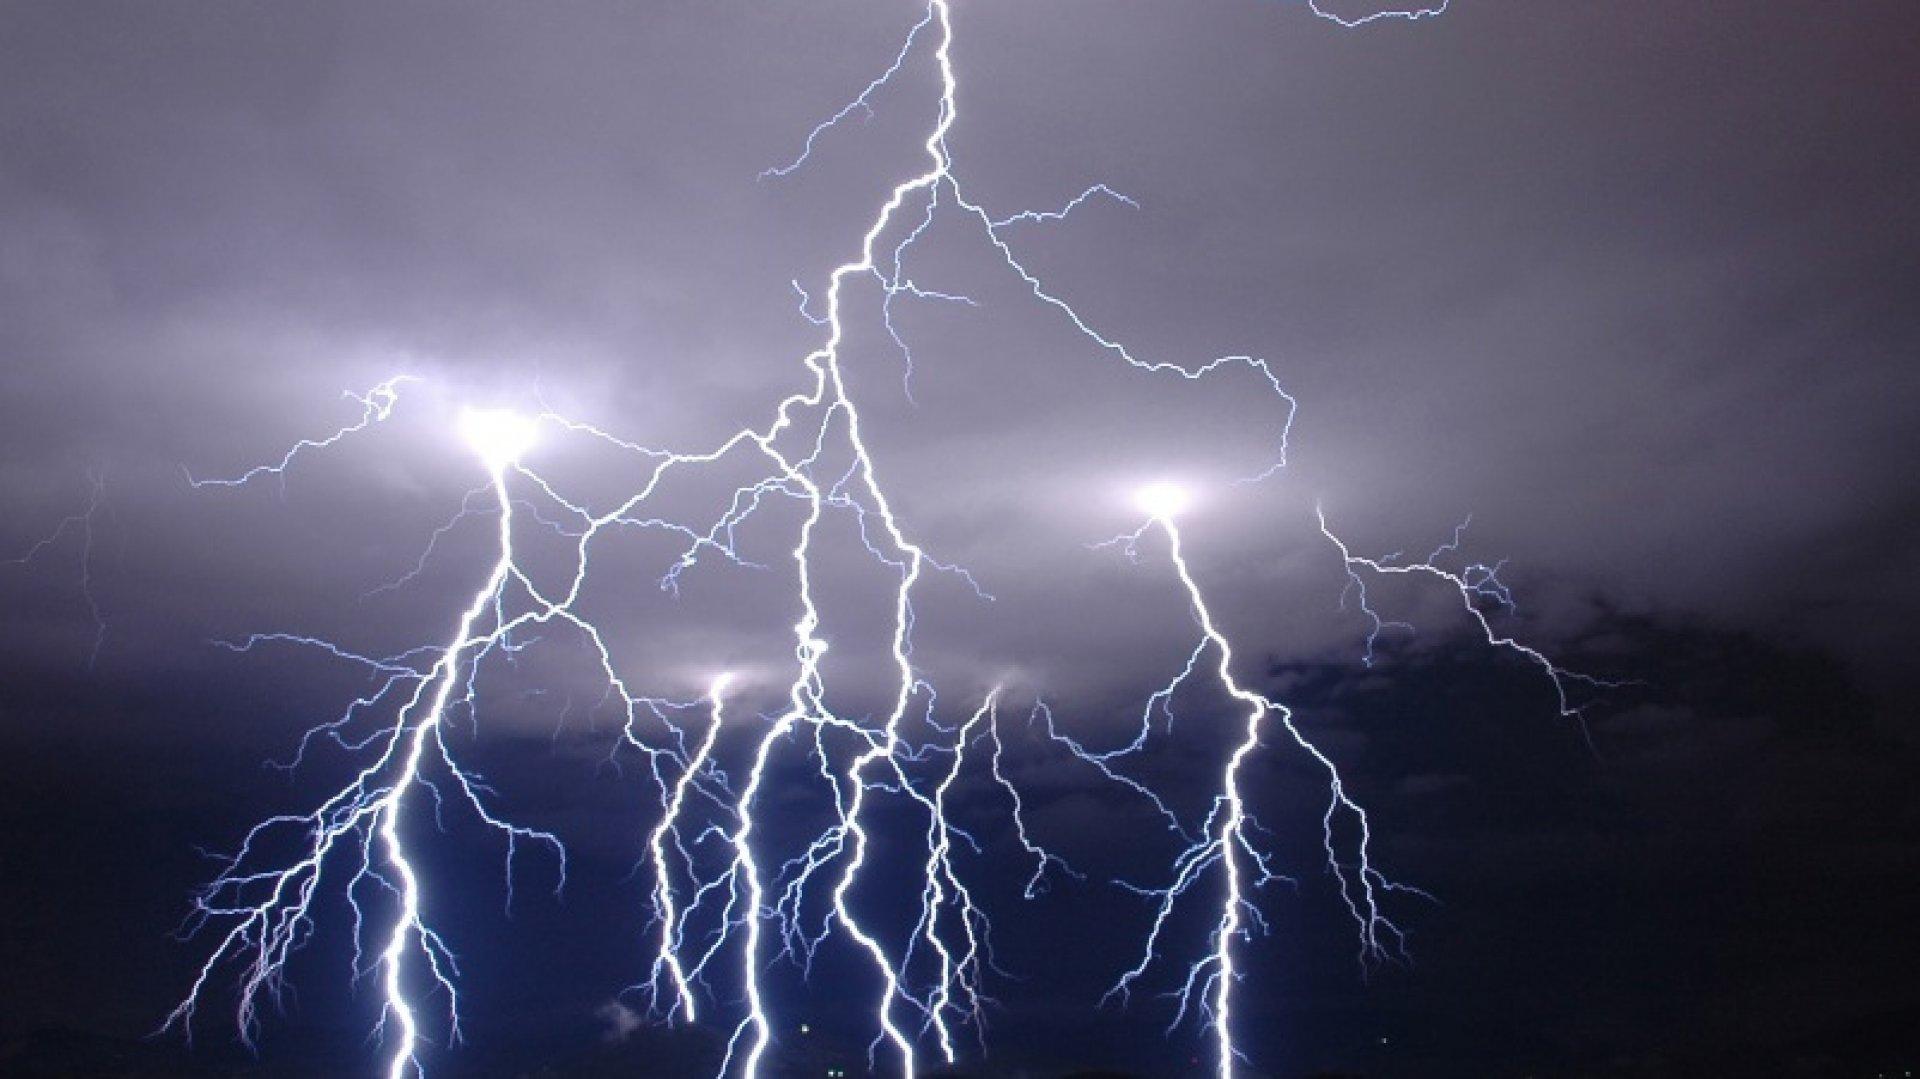 Prognoza meteo ANM pentru miercuri, 27 mai. Meteorologii anunță o zi răcoroasă și cu ploi. Unde va fi cel mai cald